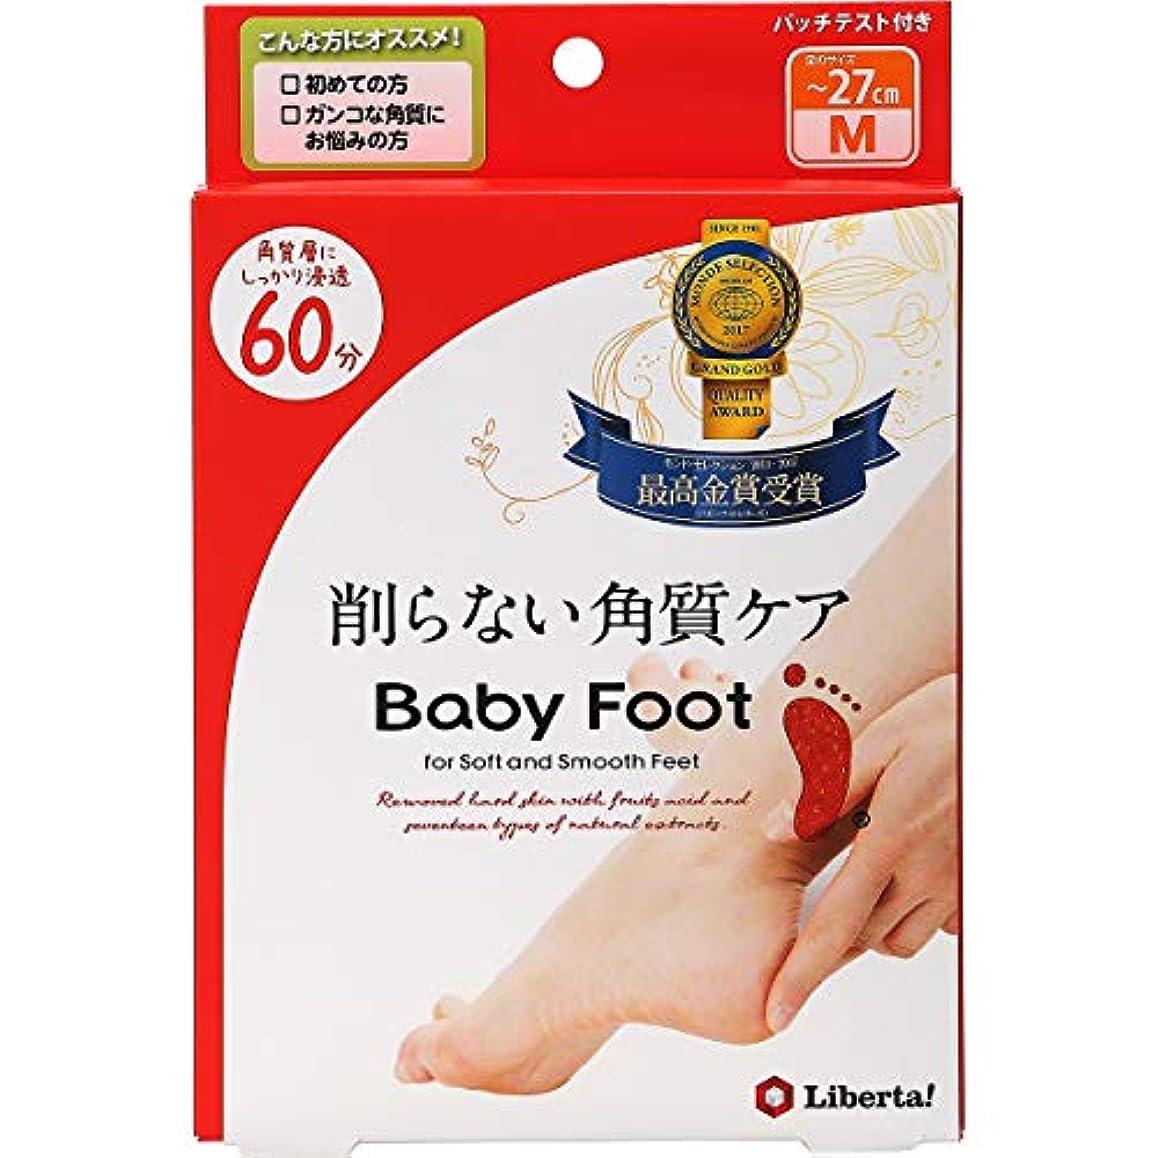 秋ルーフ参照するベビーフット (Baby Foot) ベビーフット イージーパック SPT60分タイプ Mサイズ 単品